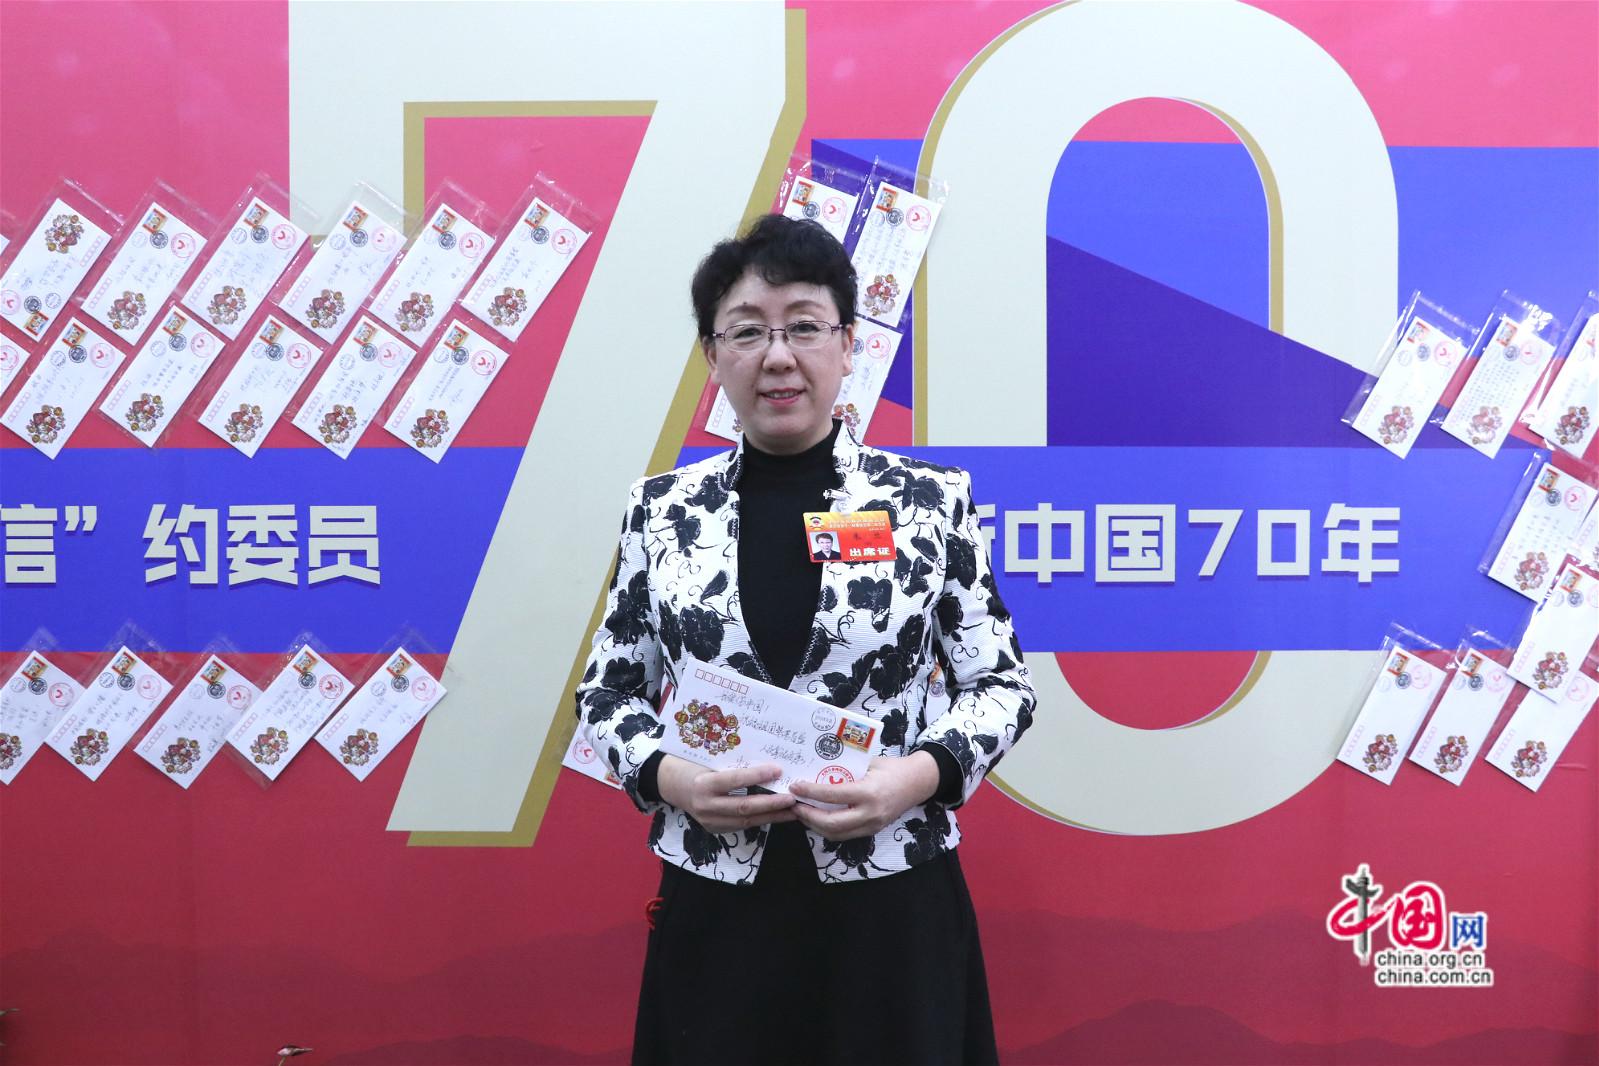 北京市政协委员朱兰。中国网记者李培刚摄